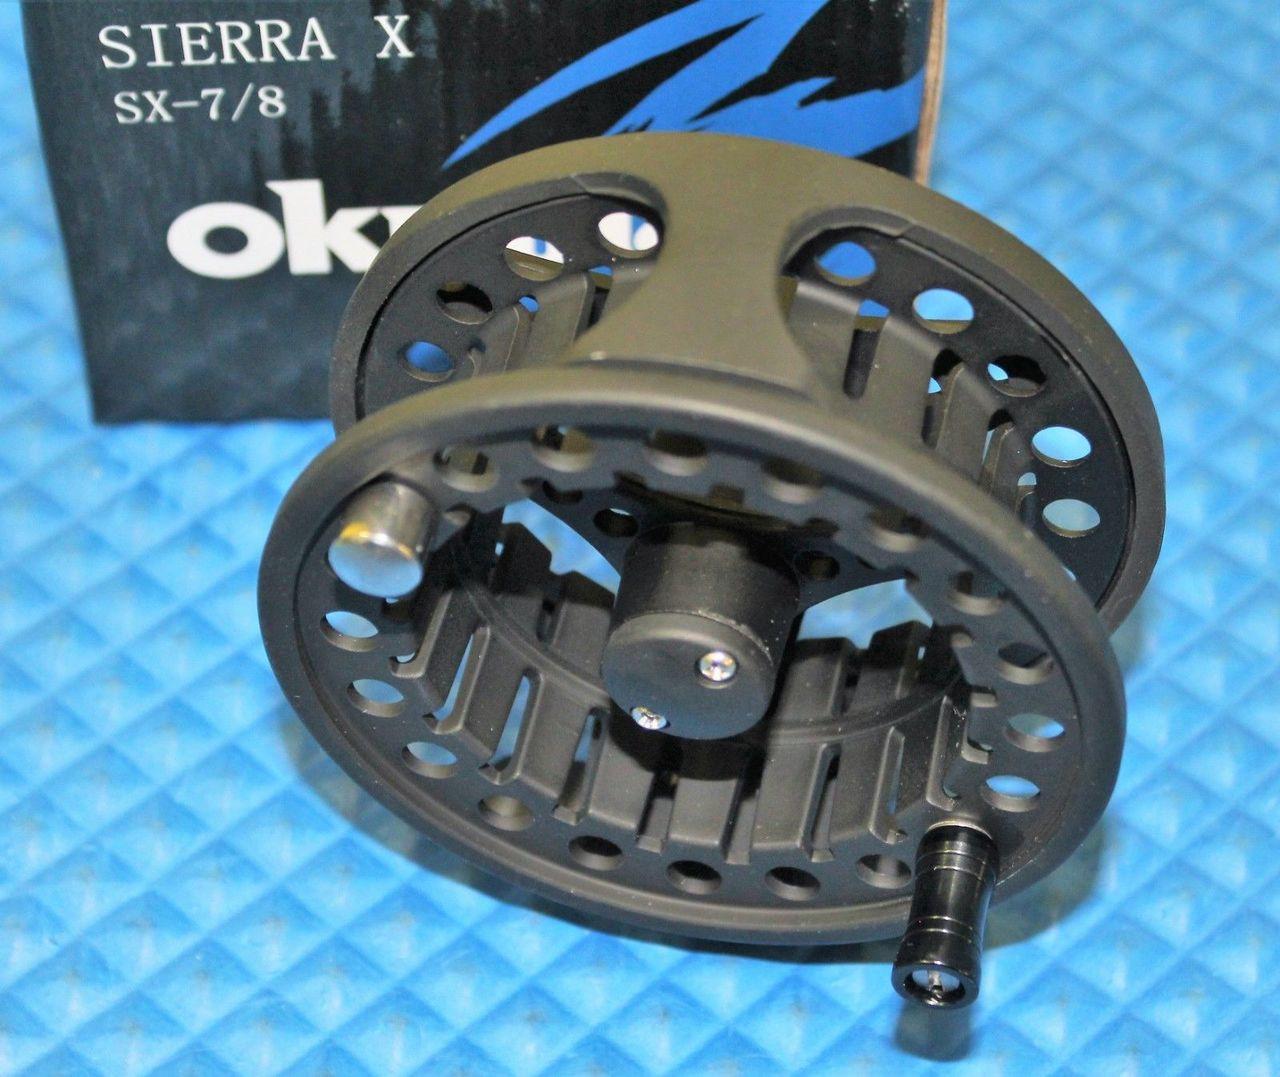 Sierra-X Fly Reel SX-7/8